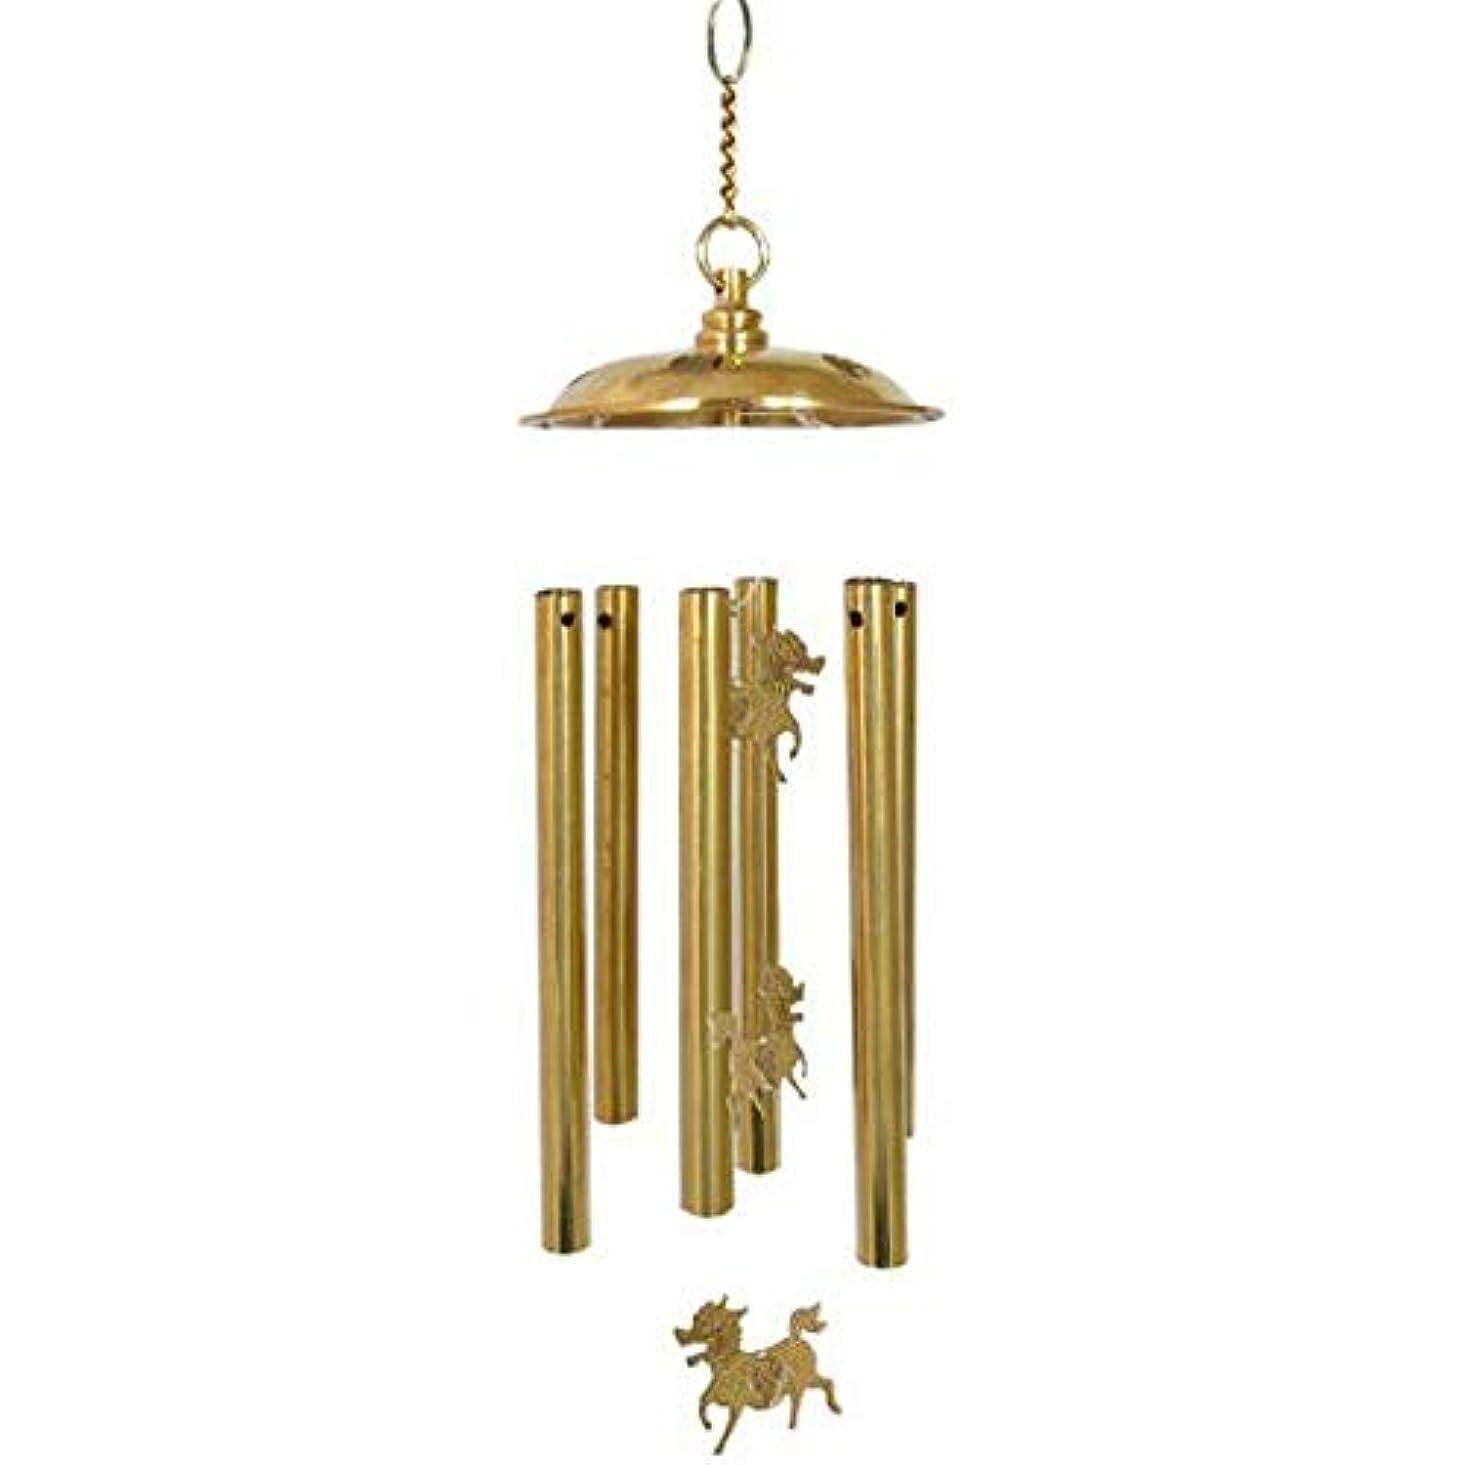 聴くインタフェースカプセルQiyuezhuangshi 風チャイム、ホーム銅風チャイム、ゴールド、全身について48センチメートル,美しいホリデーギフト